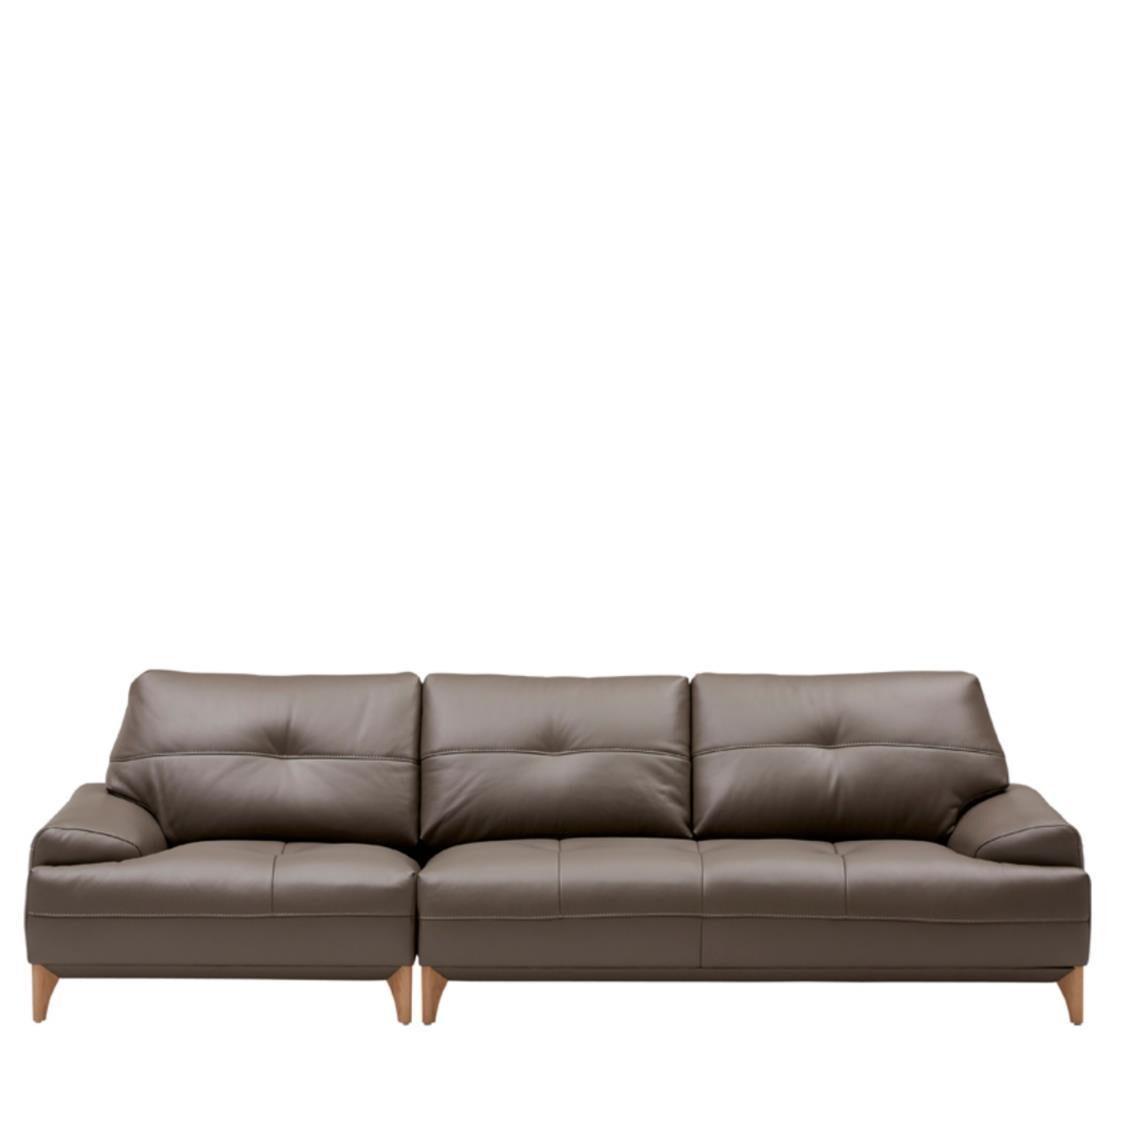 Iloom Boston Leather Sofa For 4  L392 Cocoa